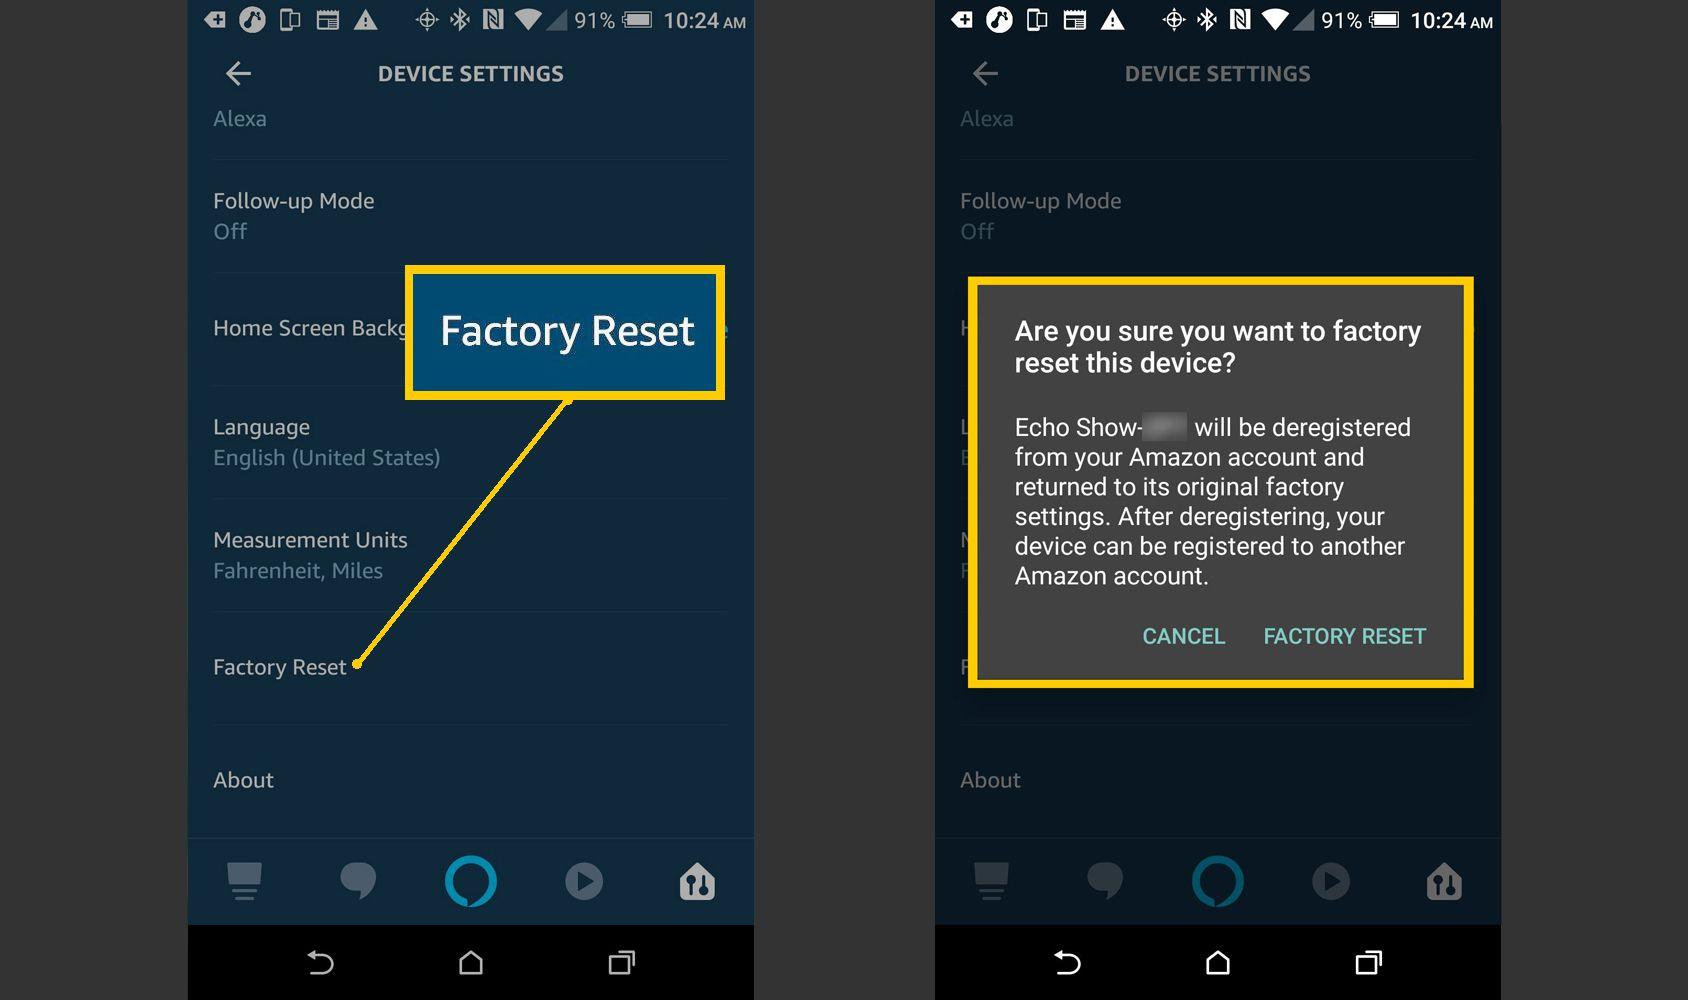 Alexa App – Reset Device